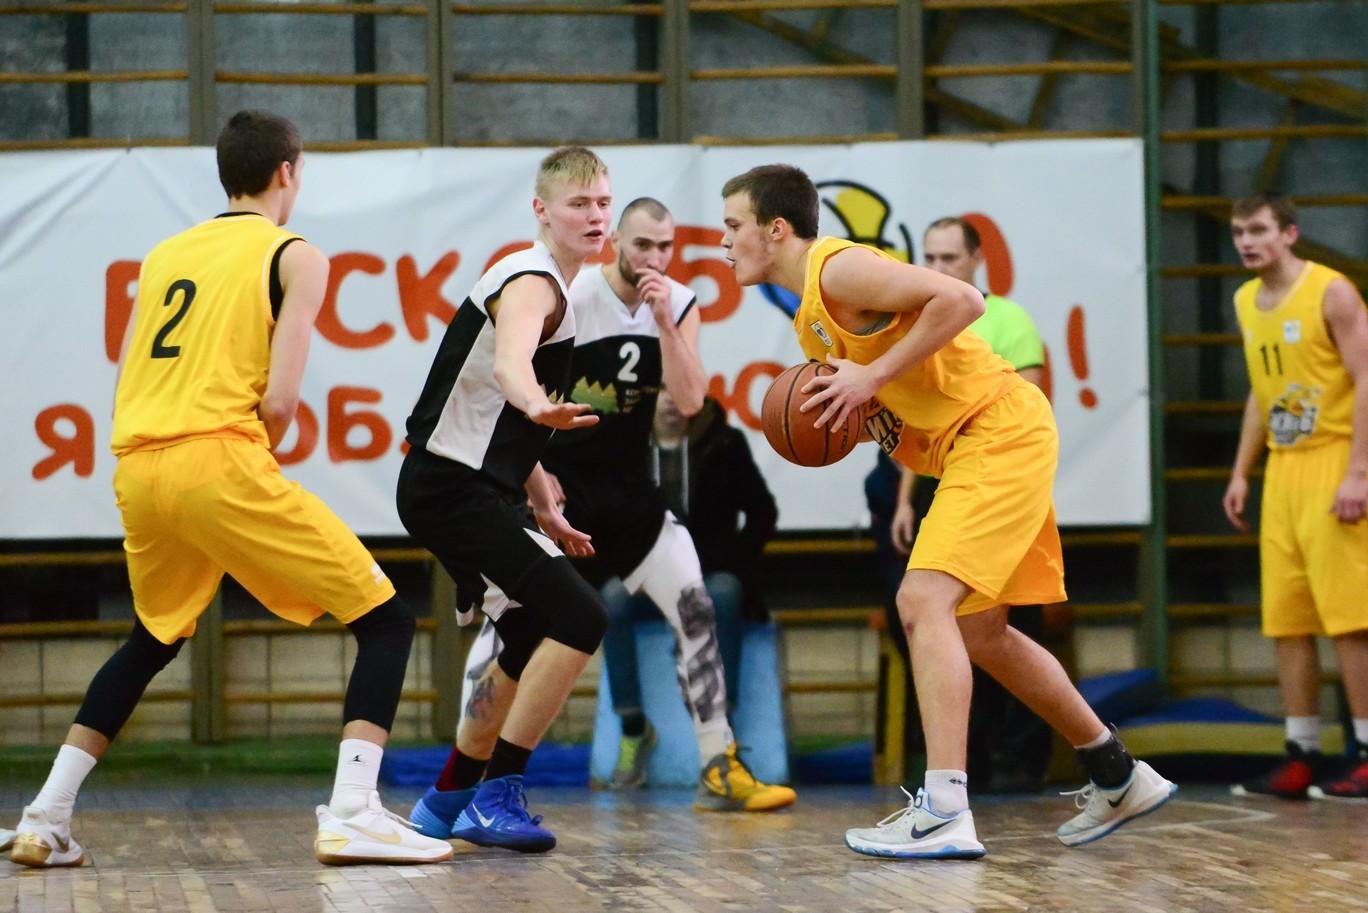 Перша перемога КСЛІ-Київ-Баскета: фотогалерея